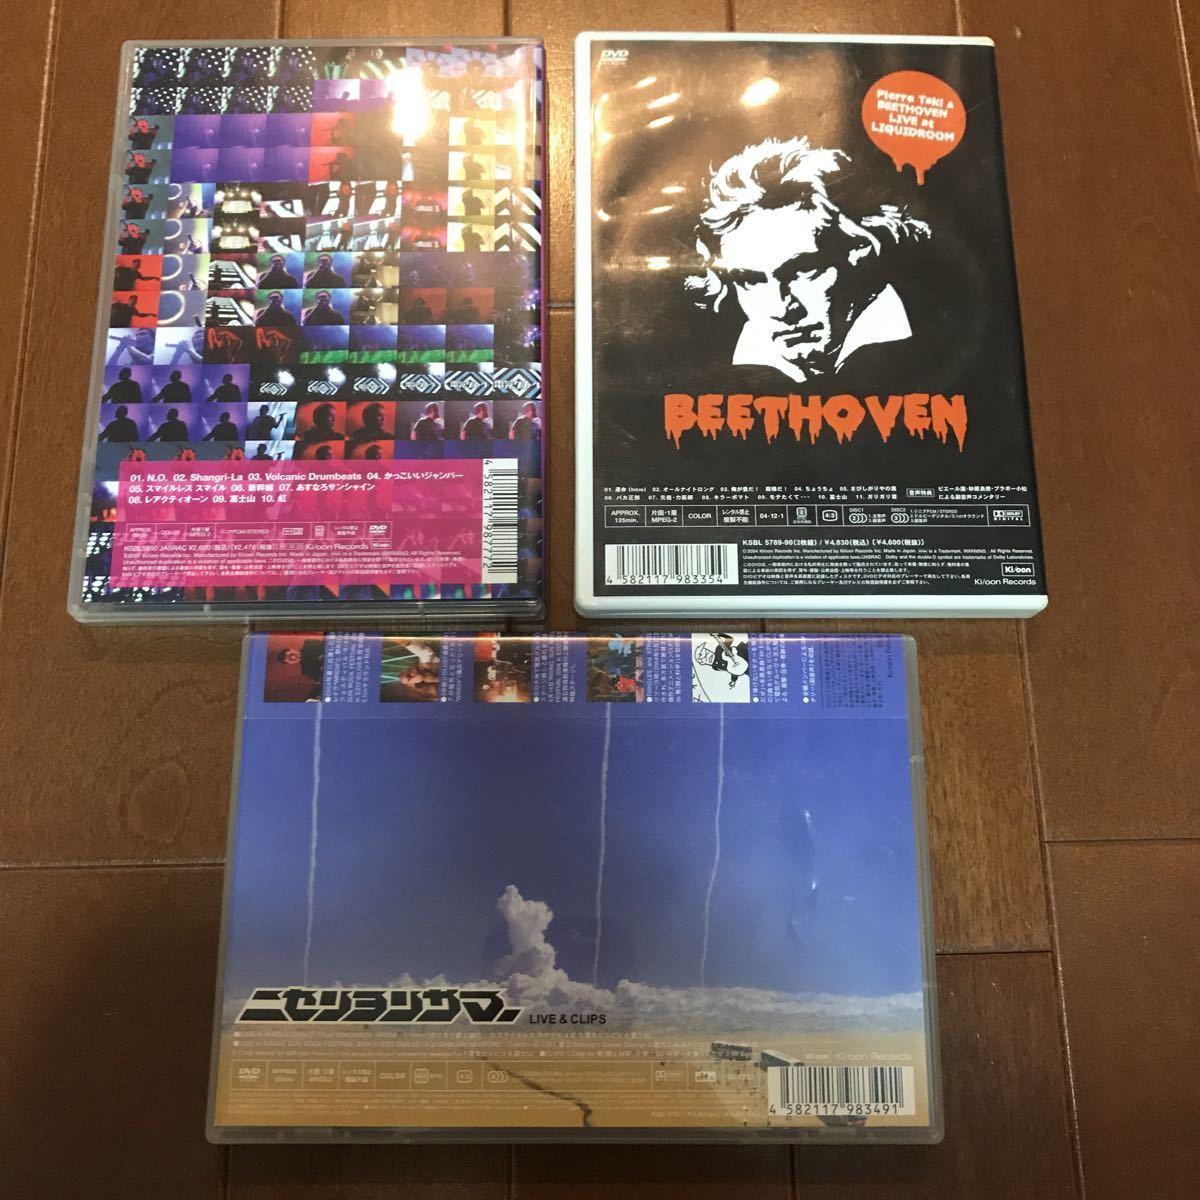 電気グルーヴ DVD 「DENKI GROOVE Live at FUJI ROCK FESTIVAL '06」 「ニセンヨンサマー」「comic牙DELUXE」石野卓球 ピエール瀧 セット_画像2